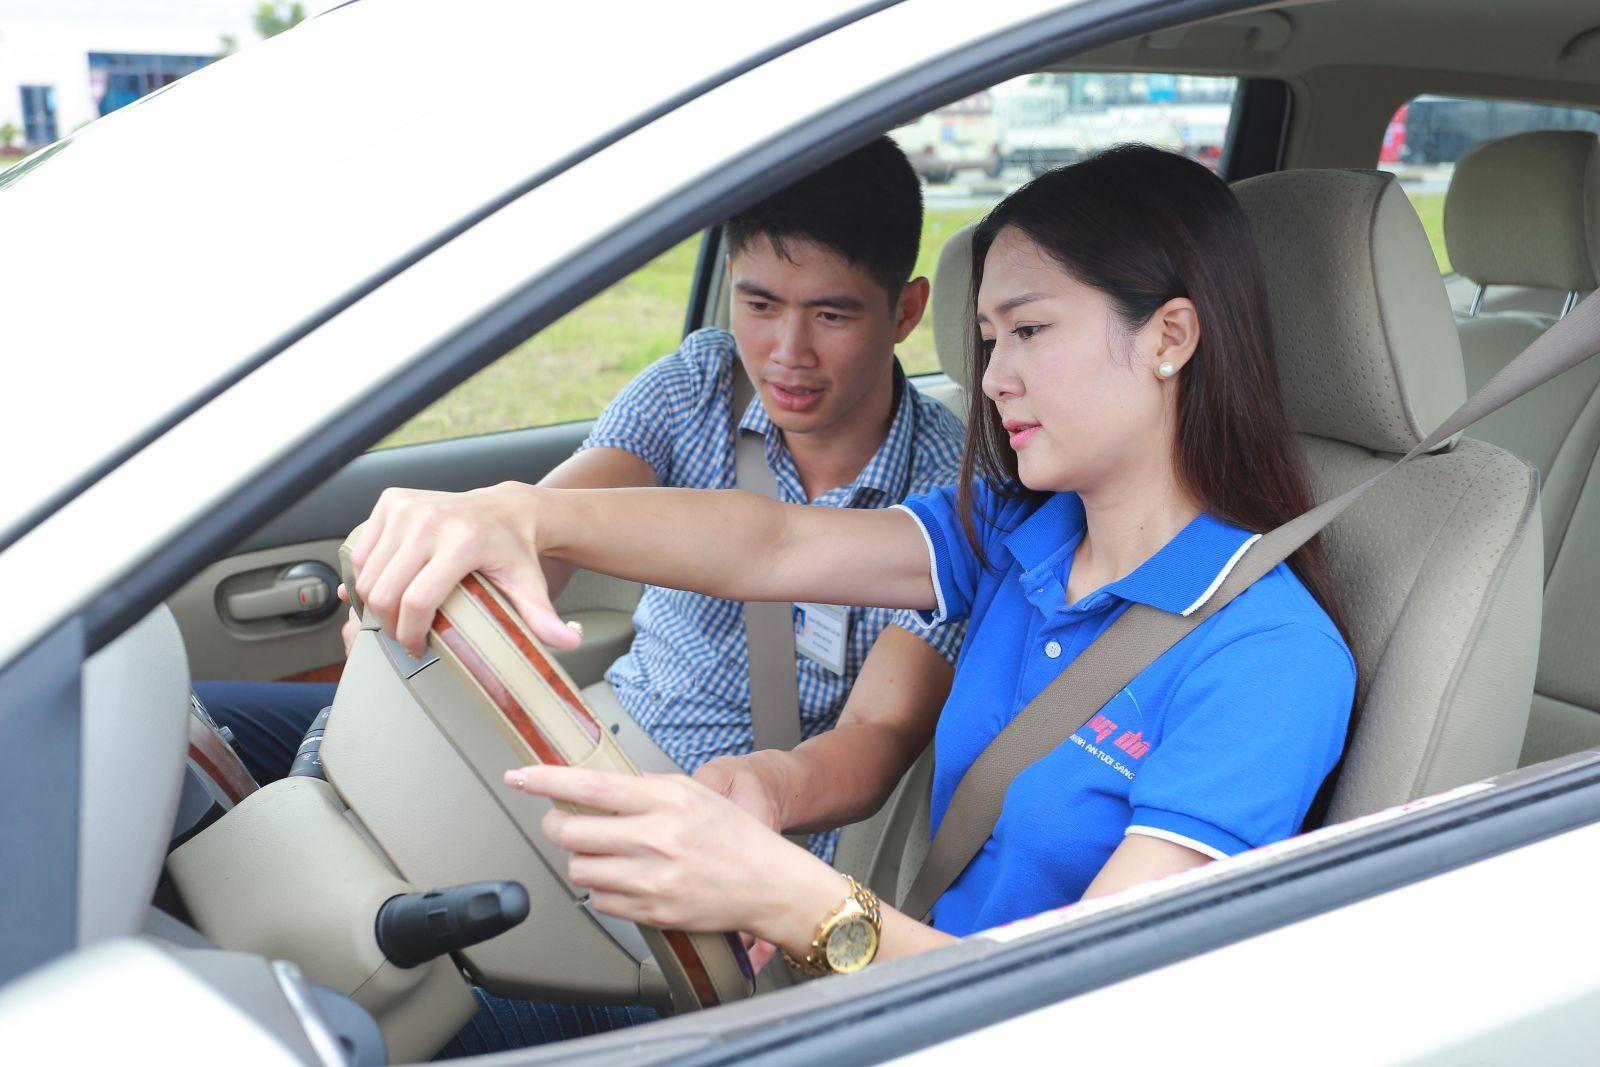 Giaó viên của trung tâm dạy lái xe Saigontourist nhiệt tình hỗ trợ học viên